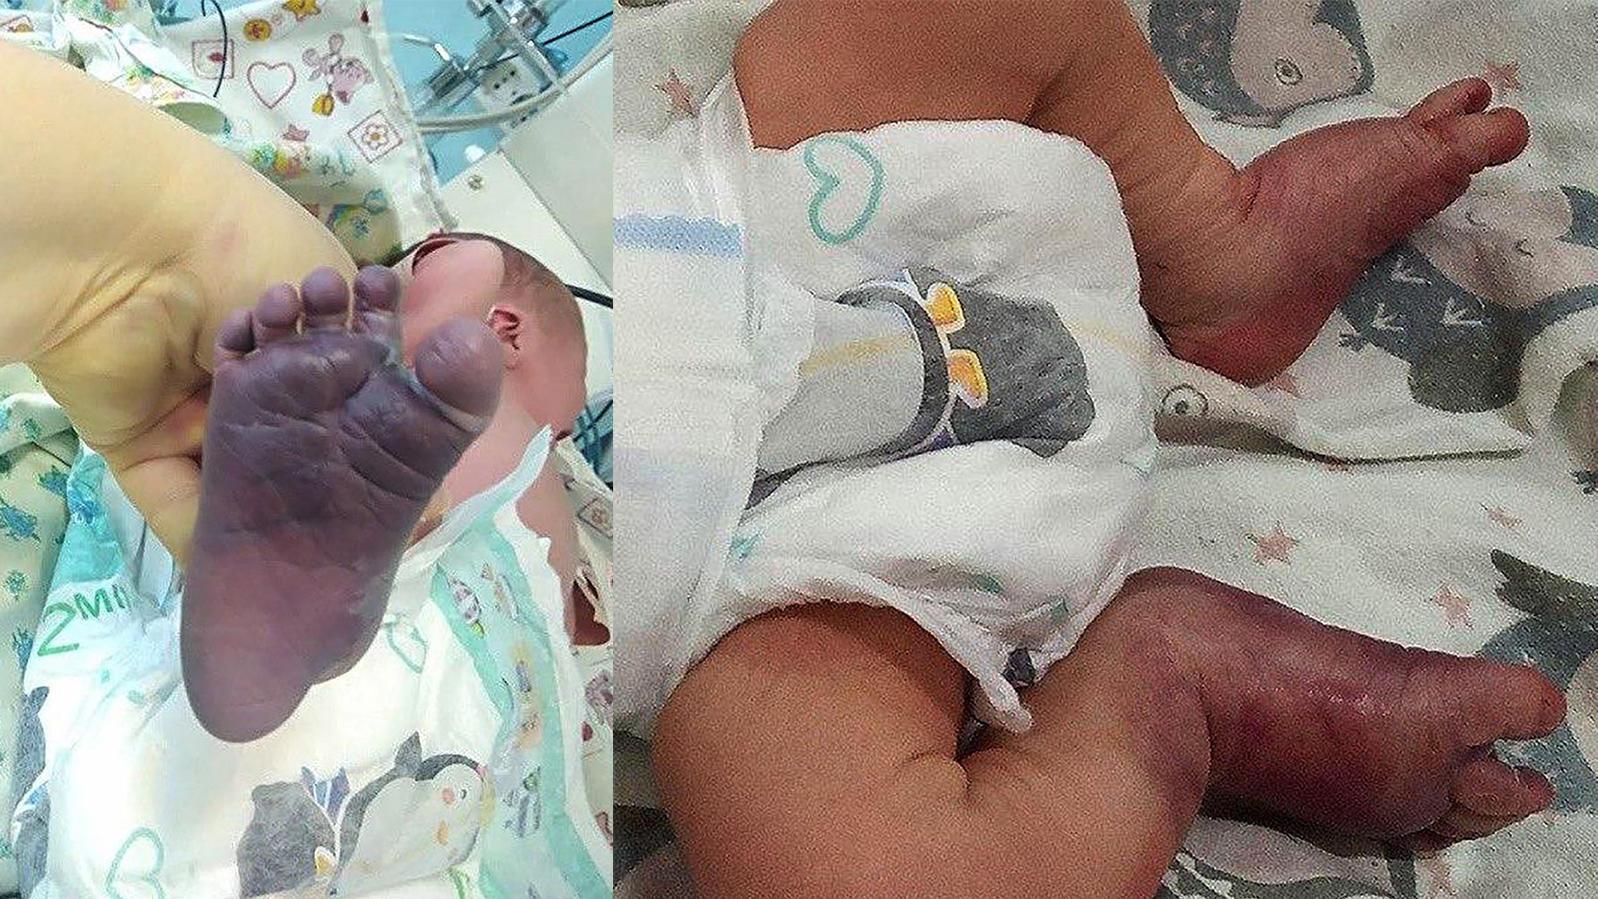 Russland: Diesem Baby wurden bei der Geburt beide Beine durch unqualifizierte Hebammen gebrochen.